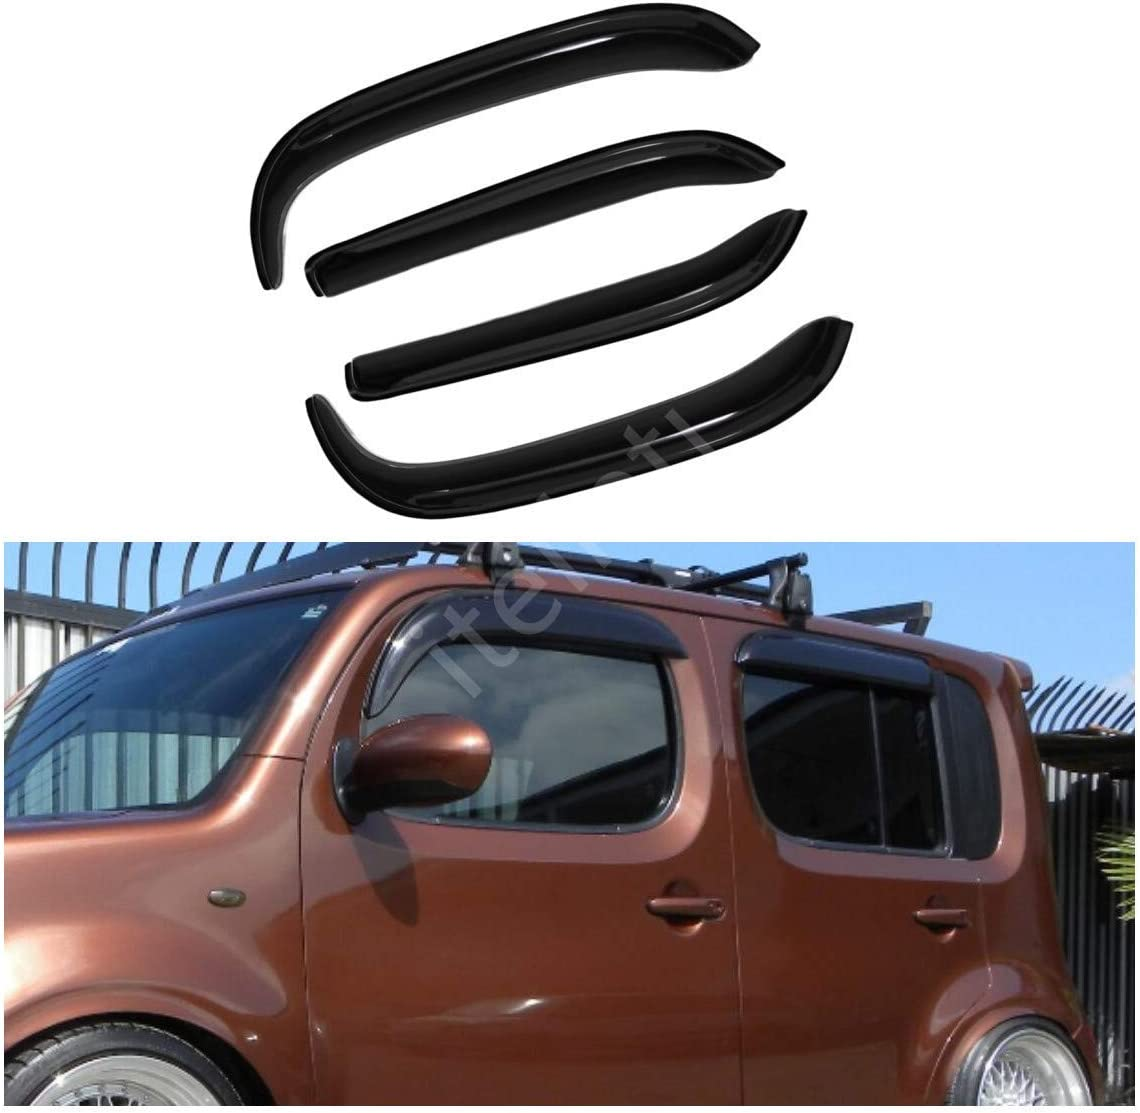 Genuine Nissan Accessories 999E6-7W001 Shag Dash Topper